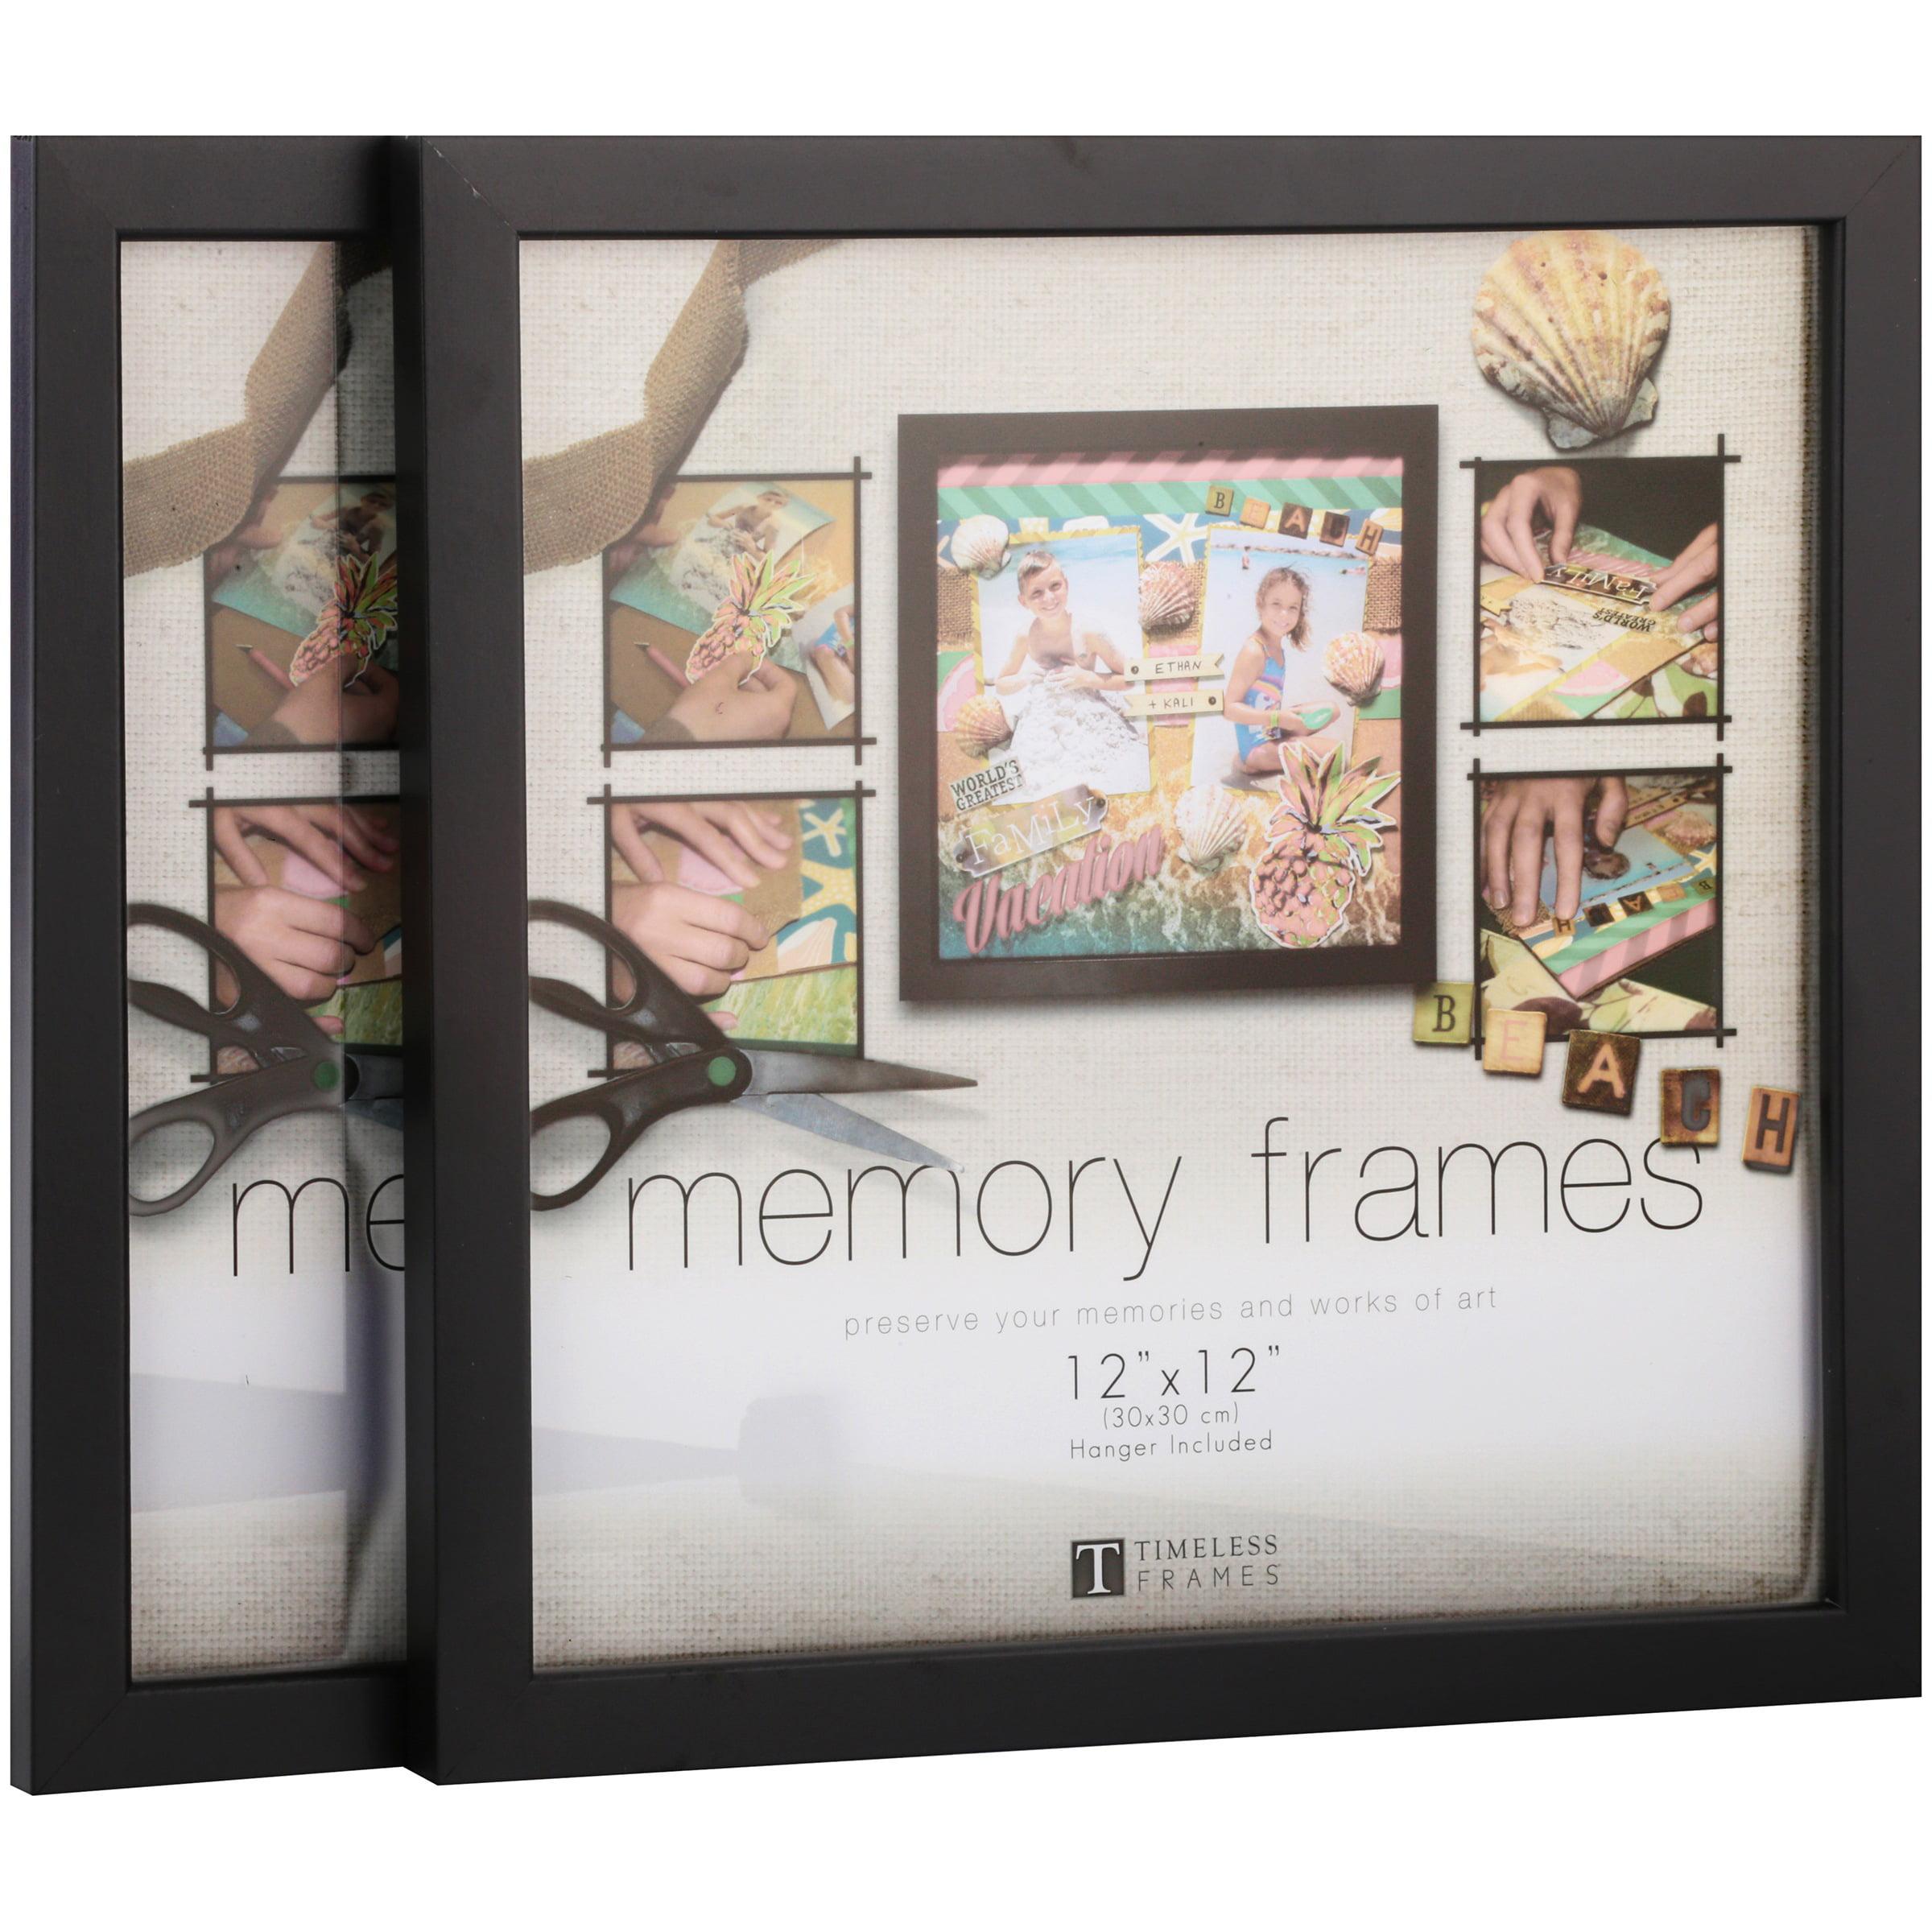 Timeless Frames Memory Frames Walmartcom